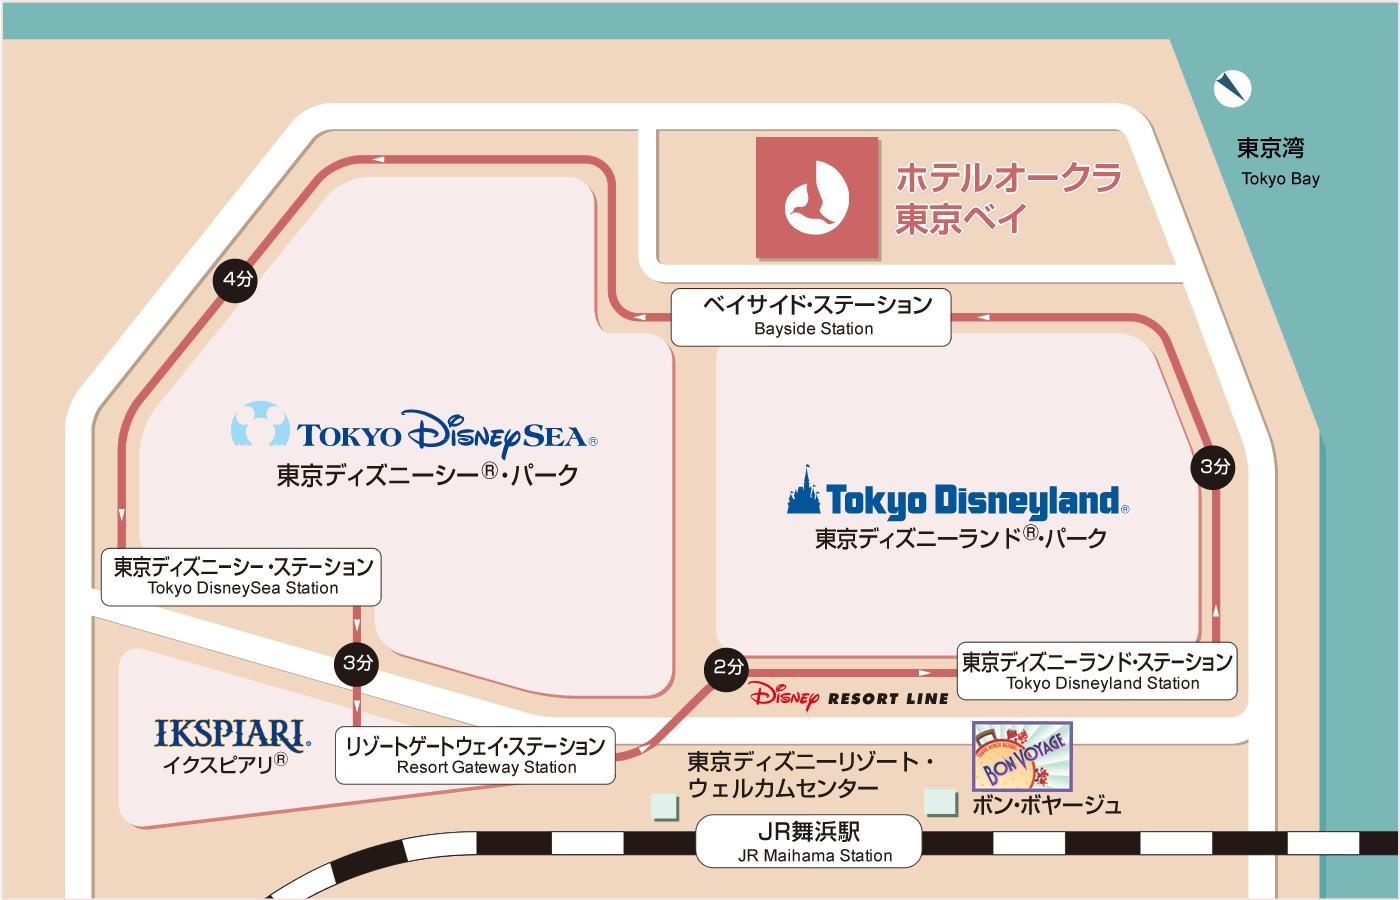 ディズニーリゾートラインのご案内|アクセス|ホテル紹介|舞浜|ホテル